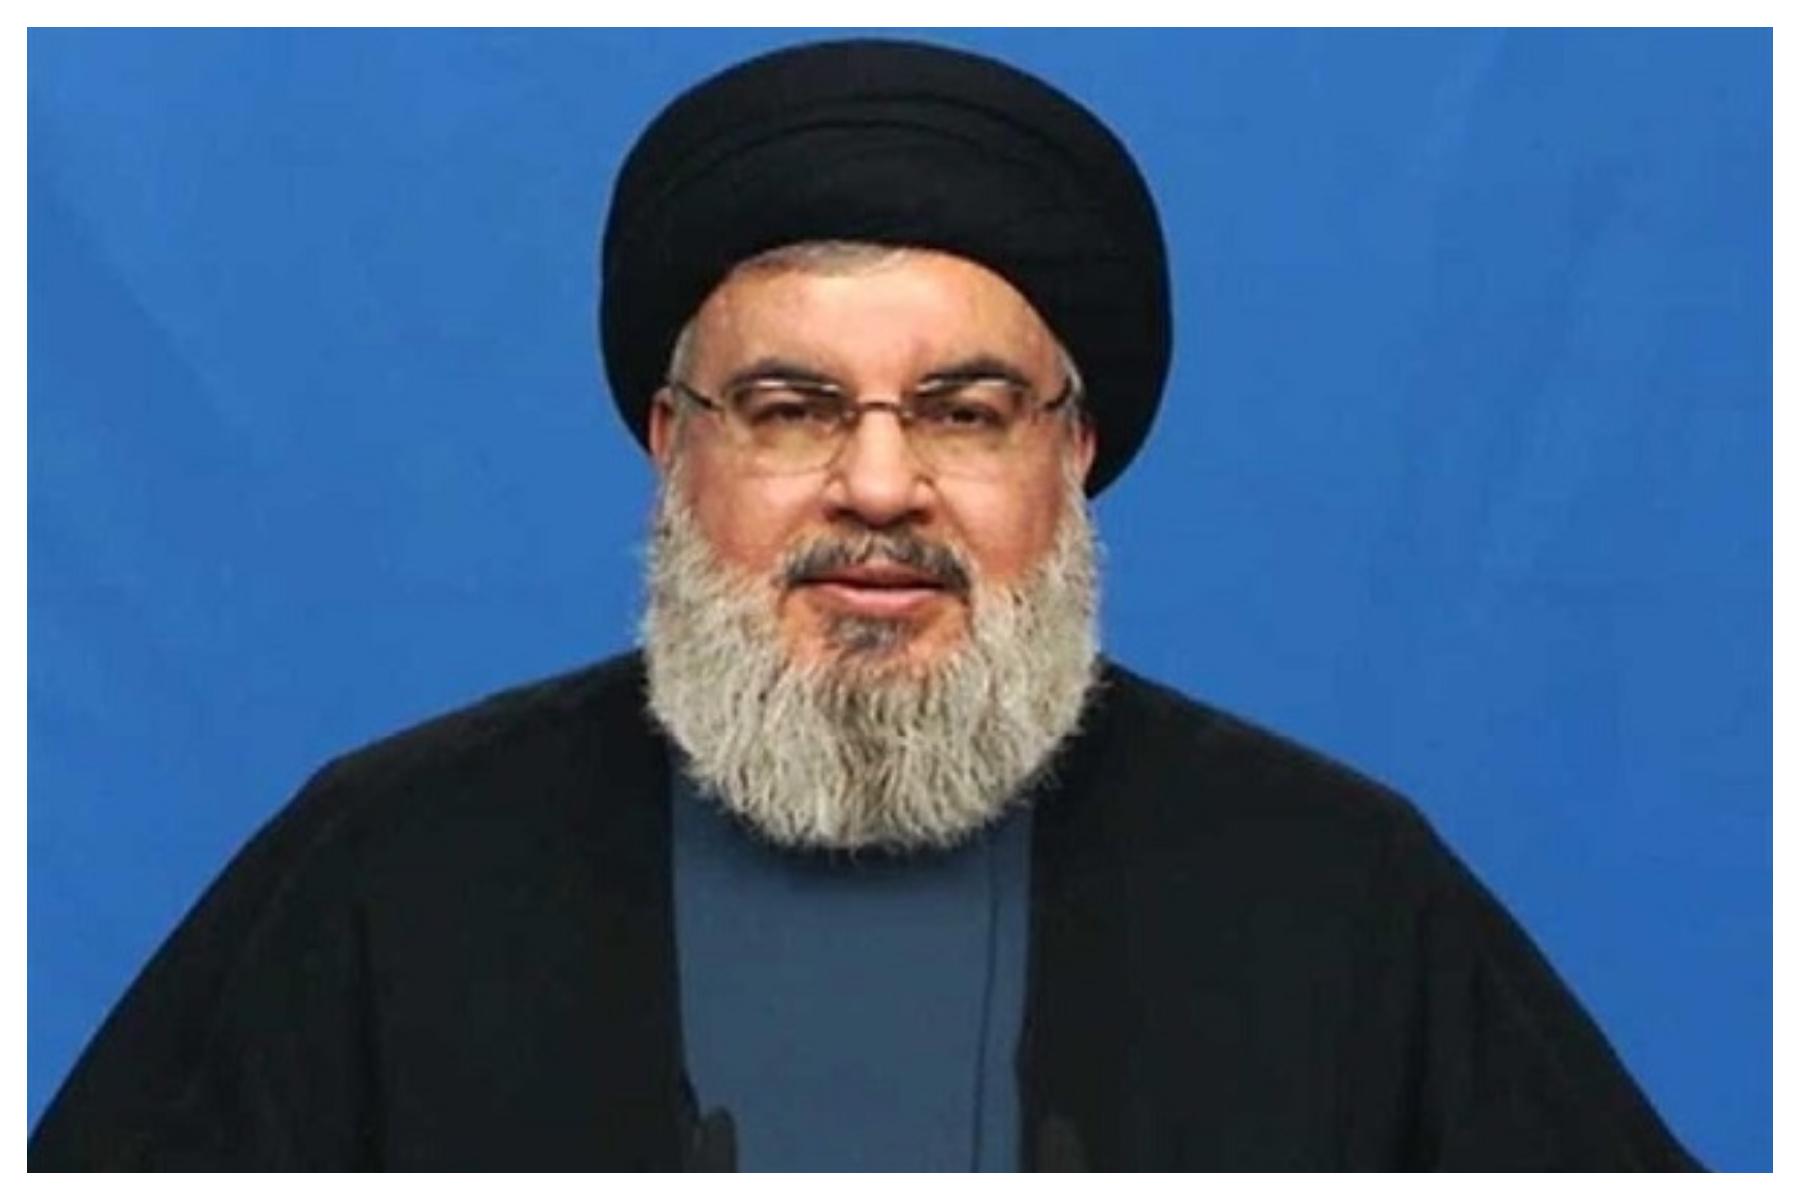 دولت هیچ موقع دست حزبالله نبوده حتی برای یک روز/ترامپ از جنس آدم ها نیست